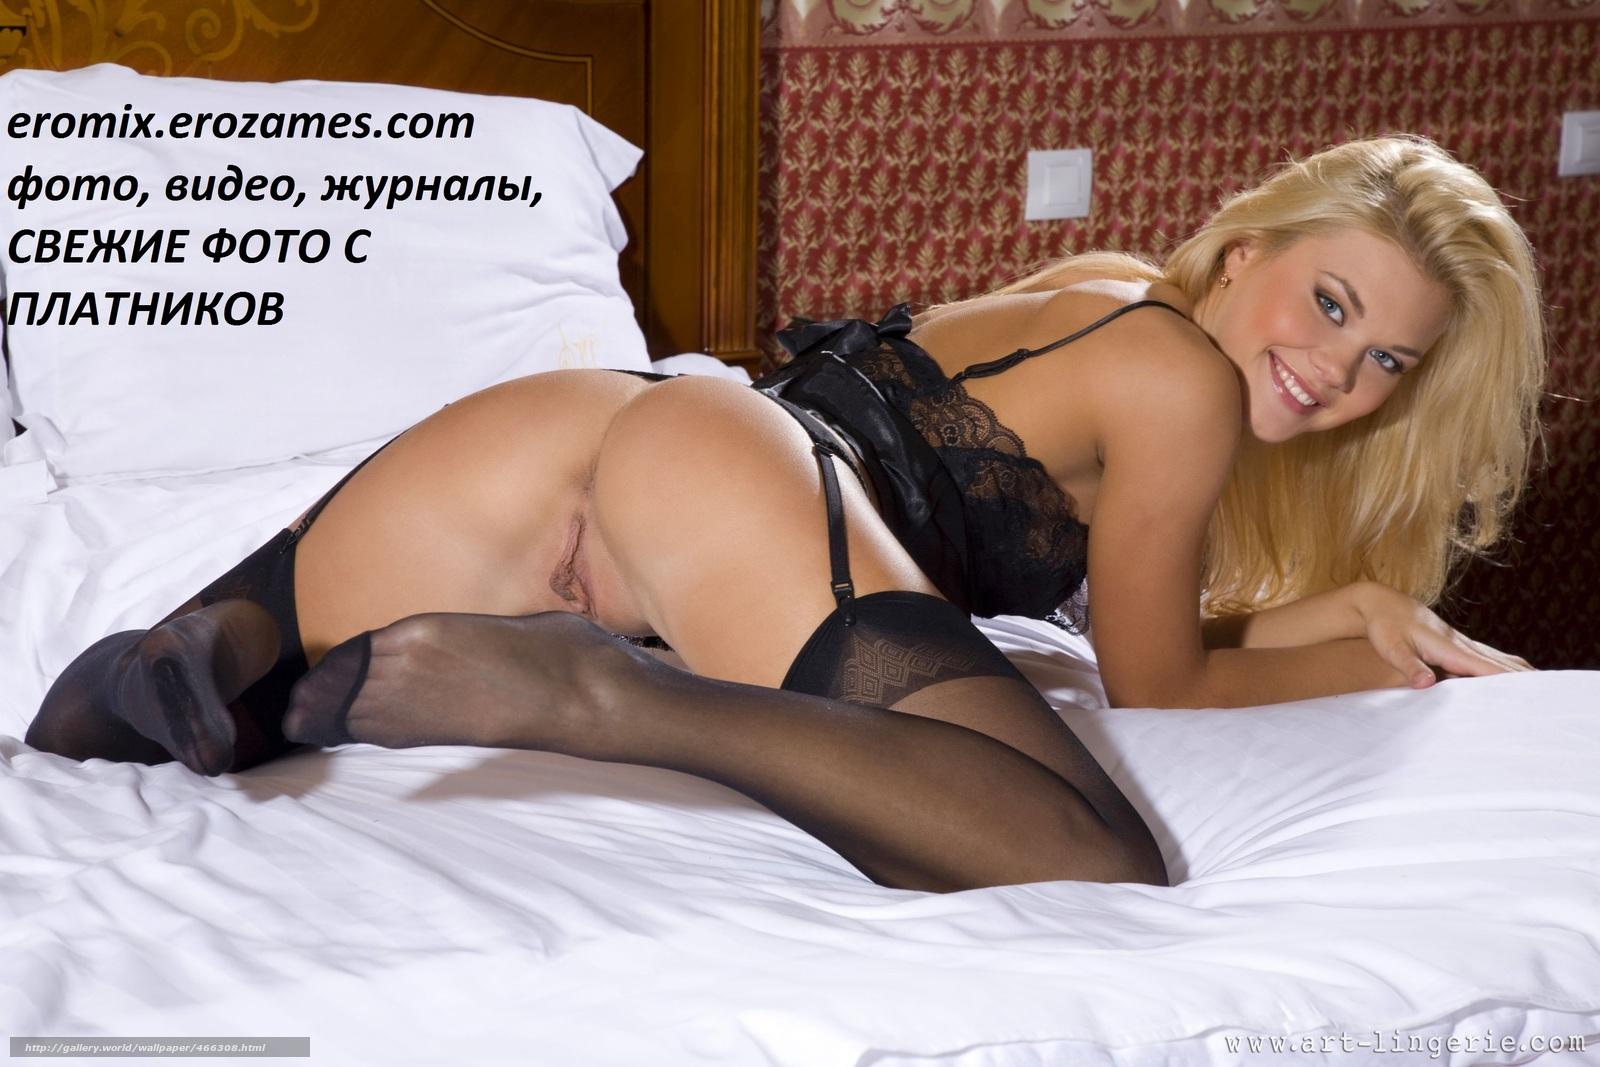 Русские женщины в зротике бесплатно онлайн 15 фотография